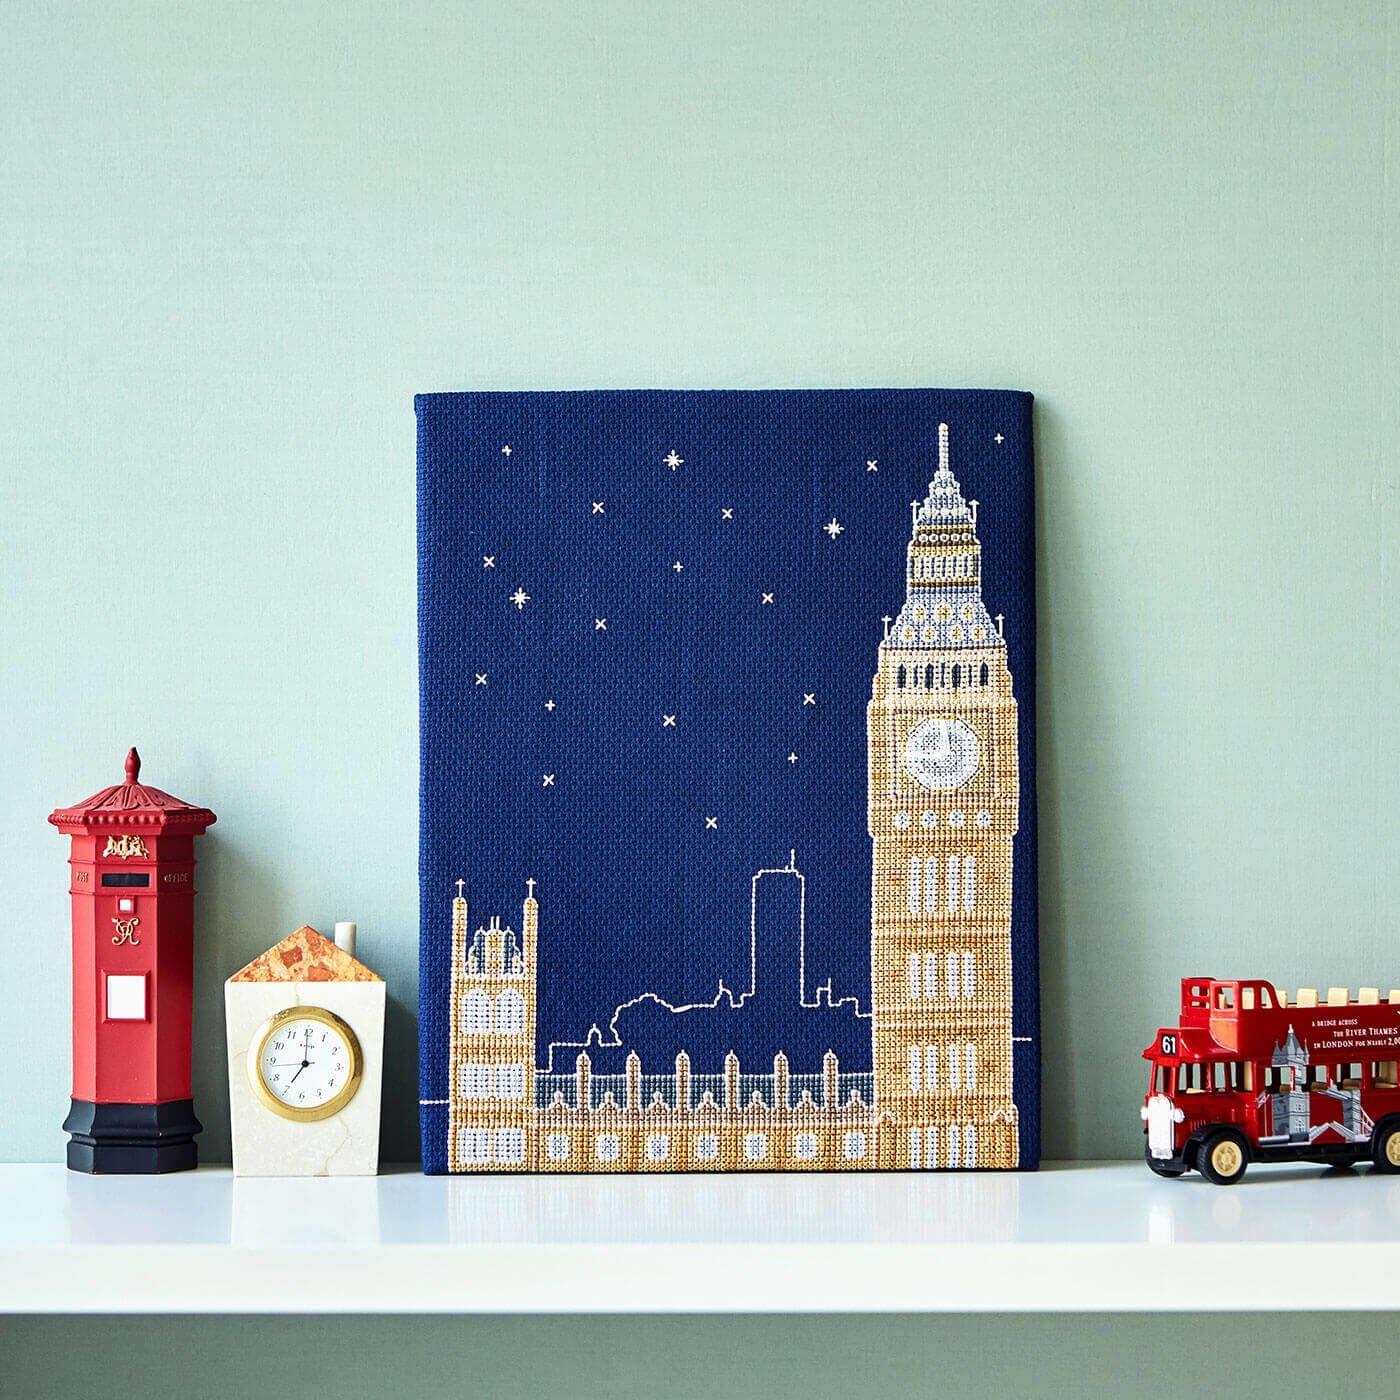 暗闇で光り輝く London by Night クロスステッチキット